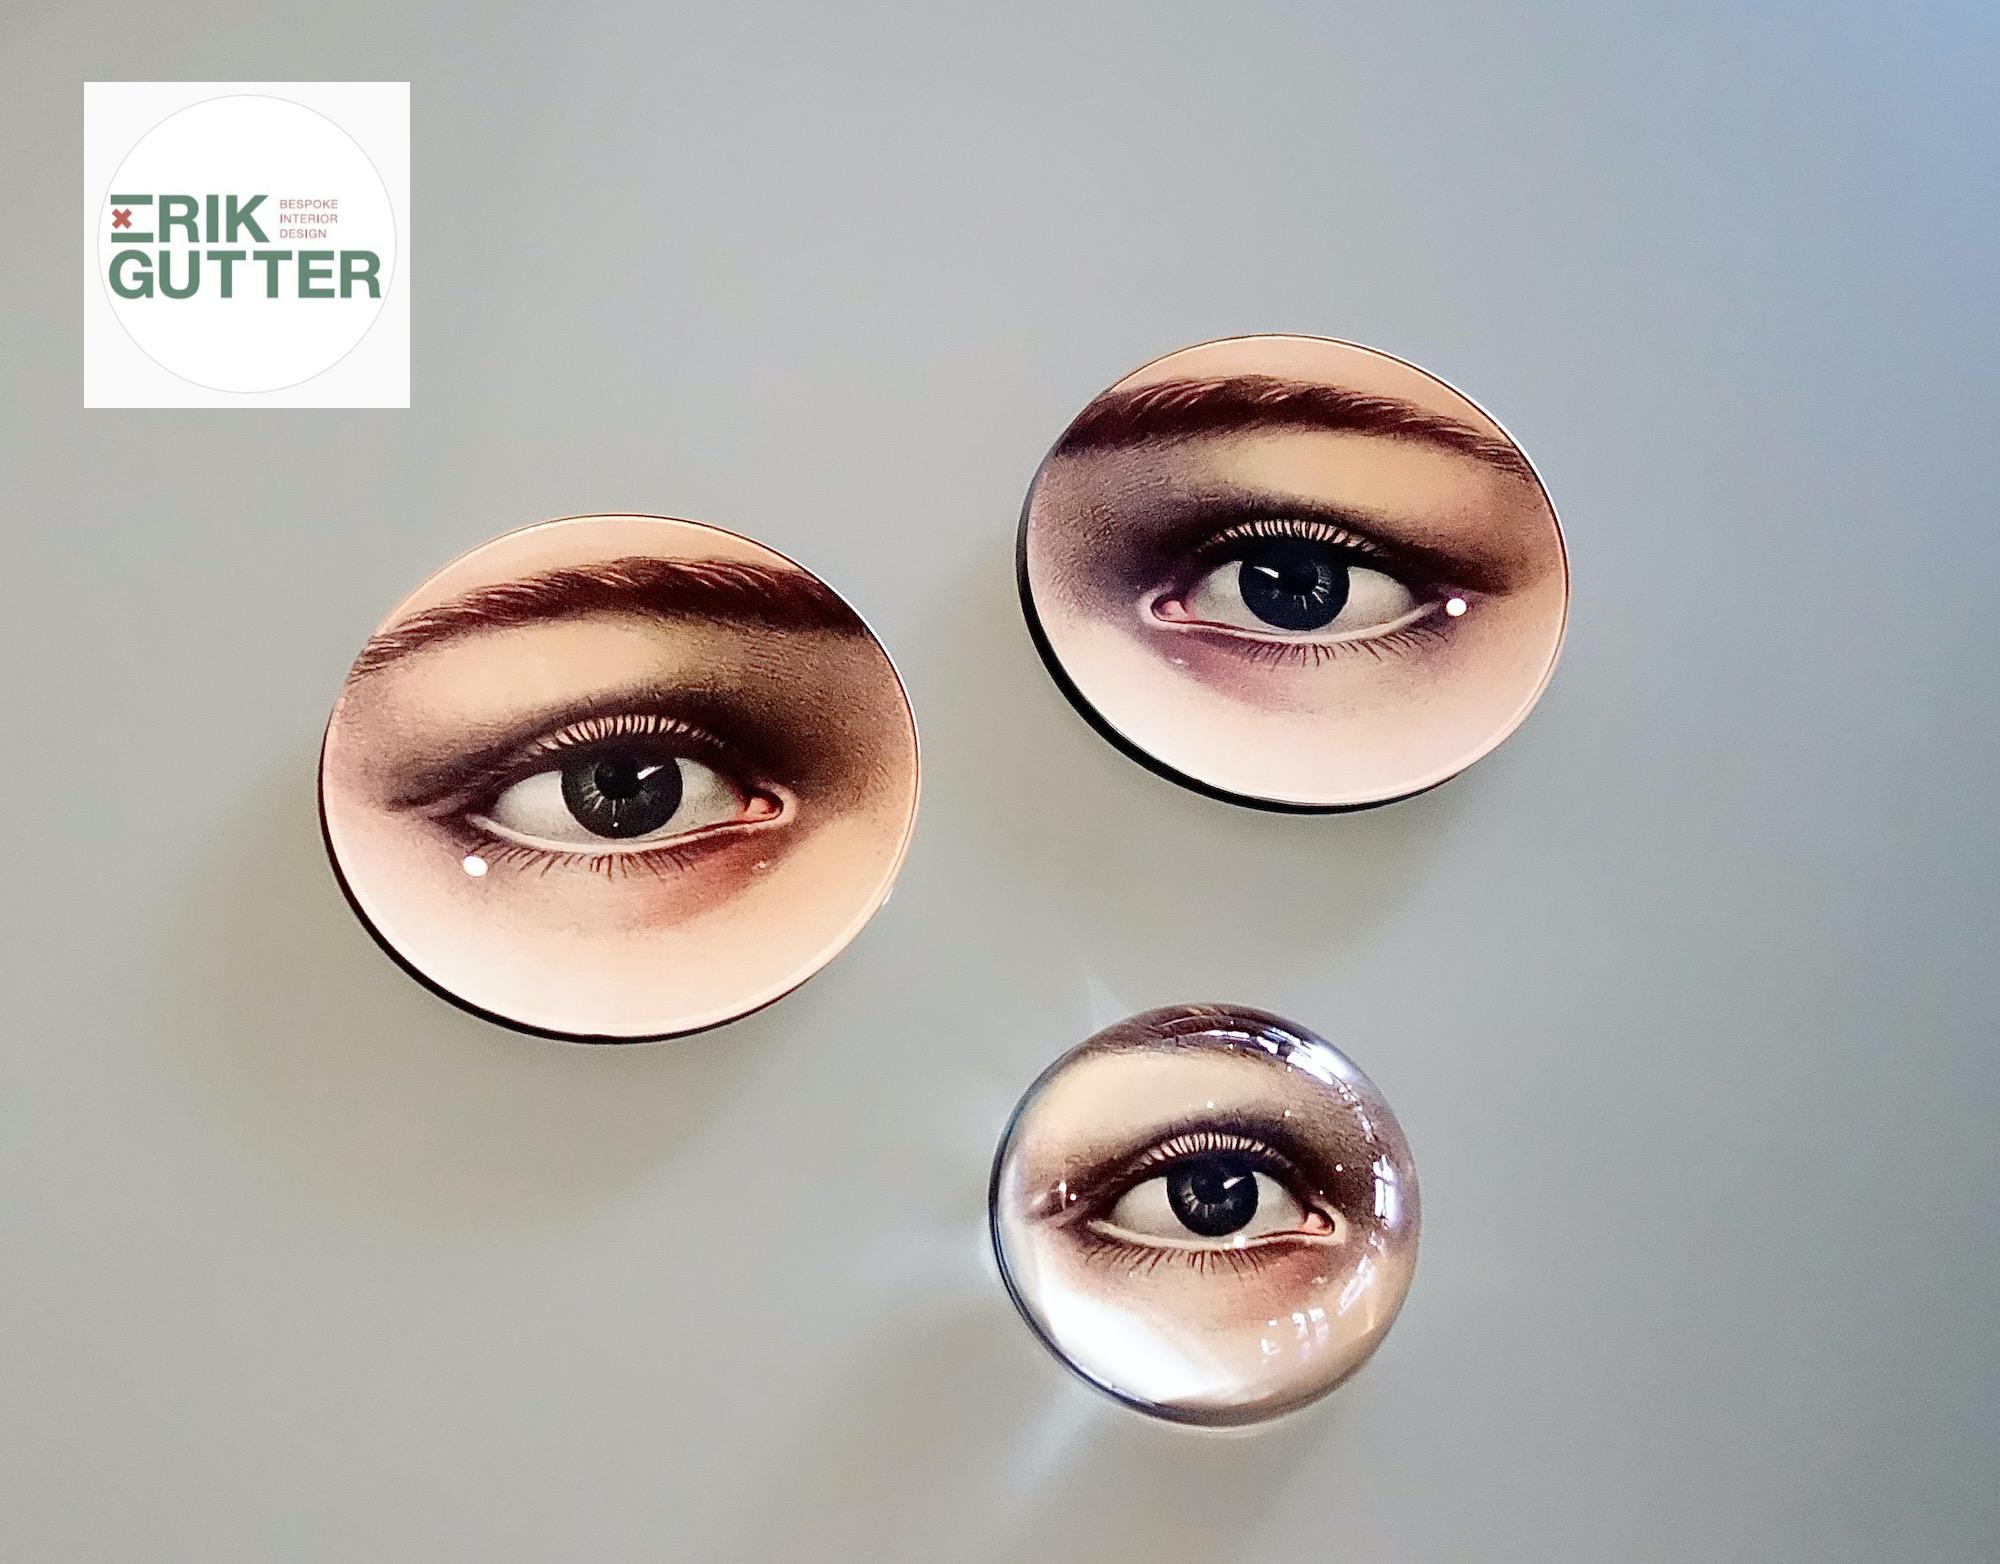 ogengutter1 - 1